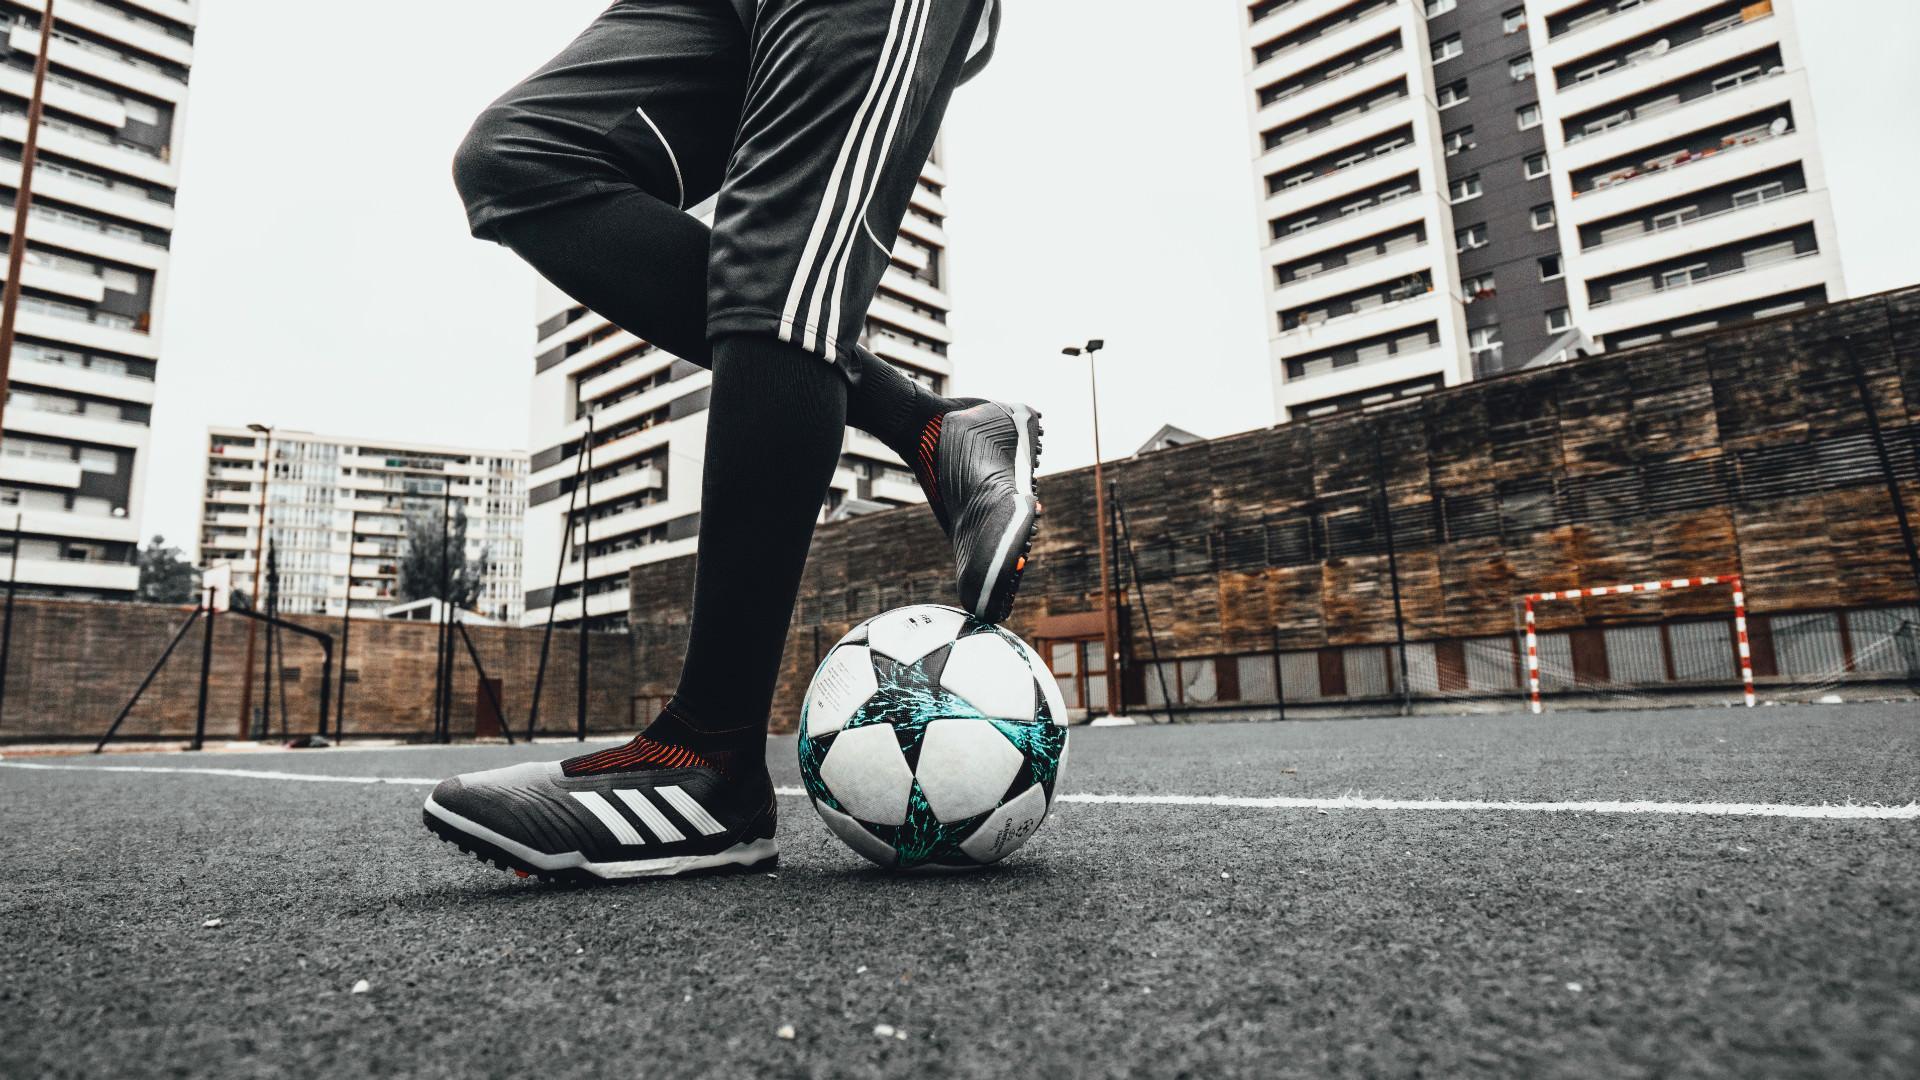 花式足球技巧之身后提拉环绕地球的一种变化